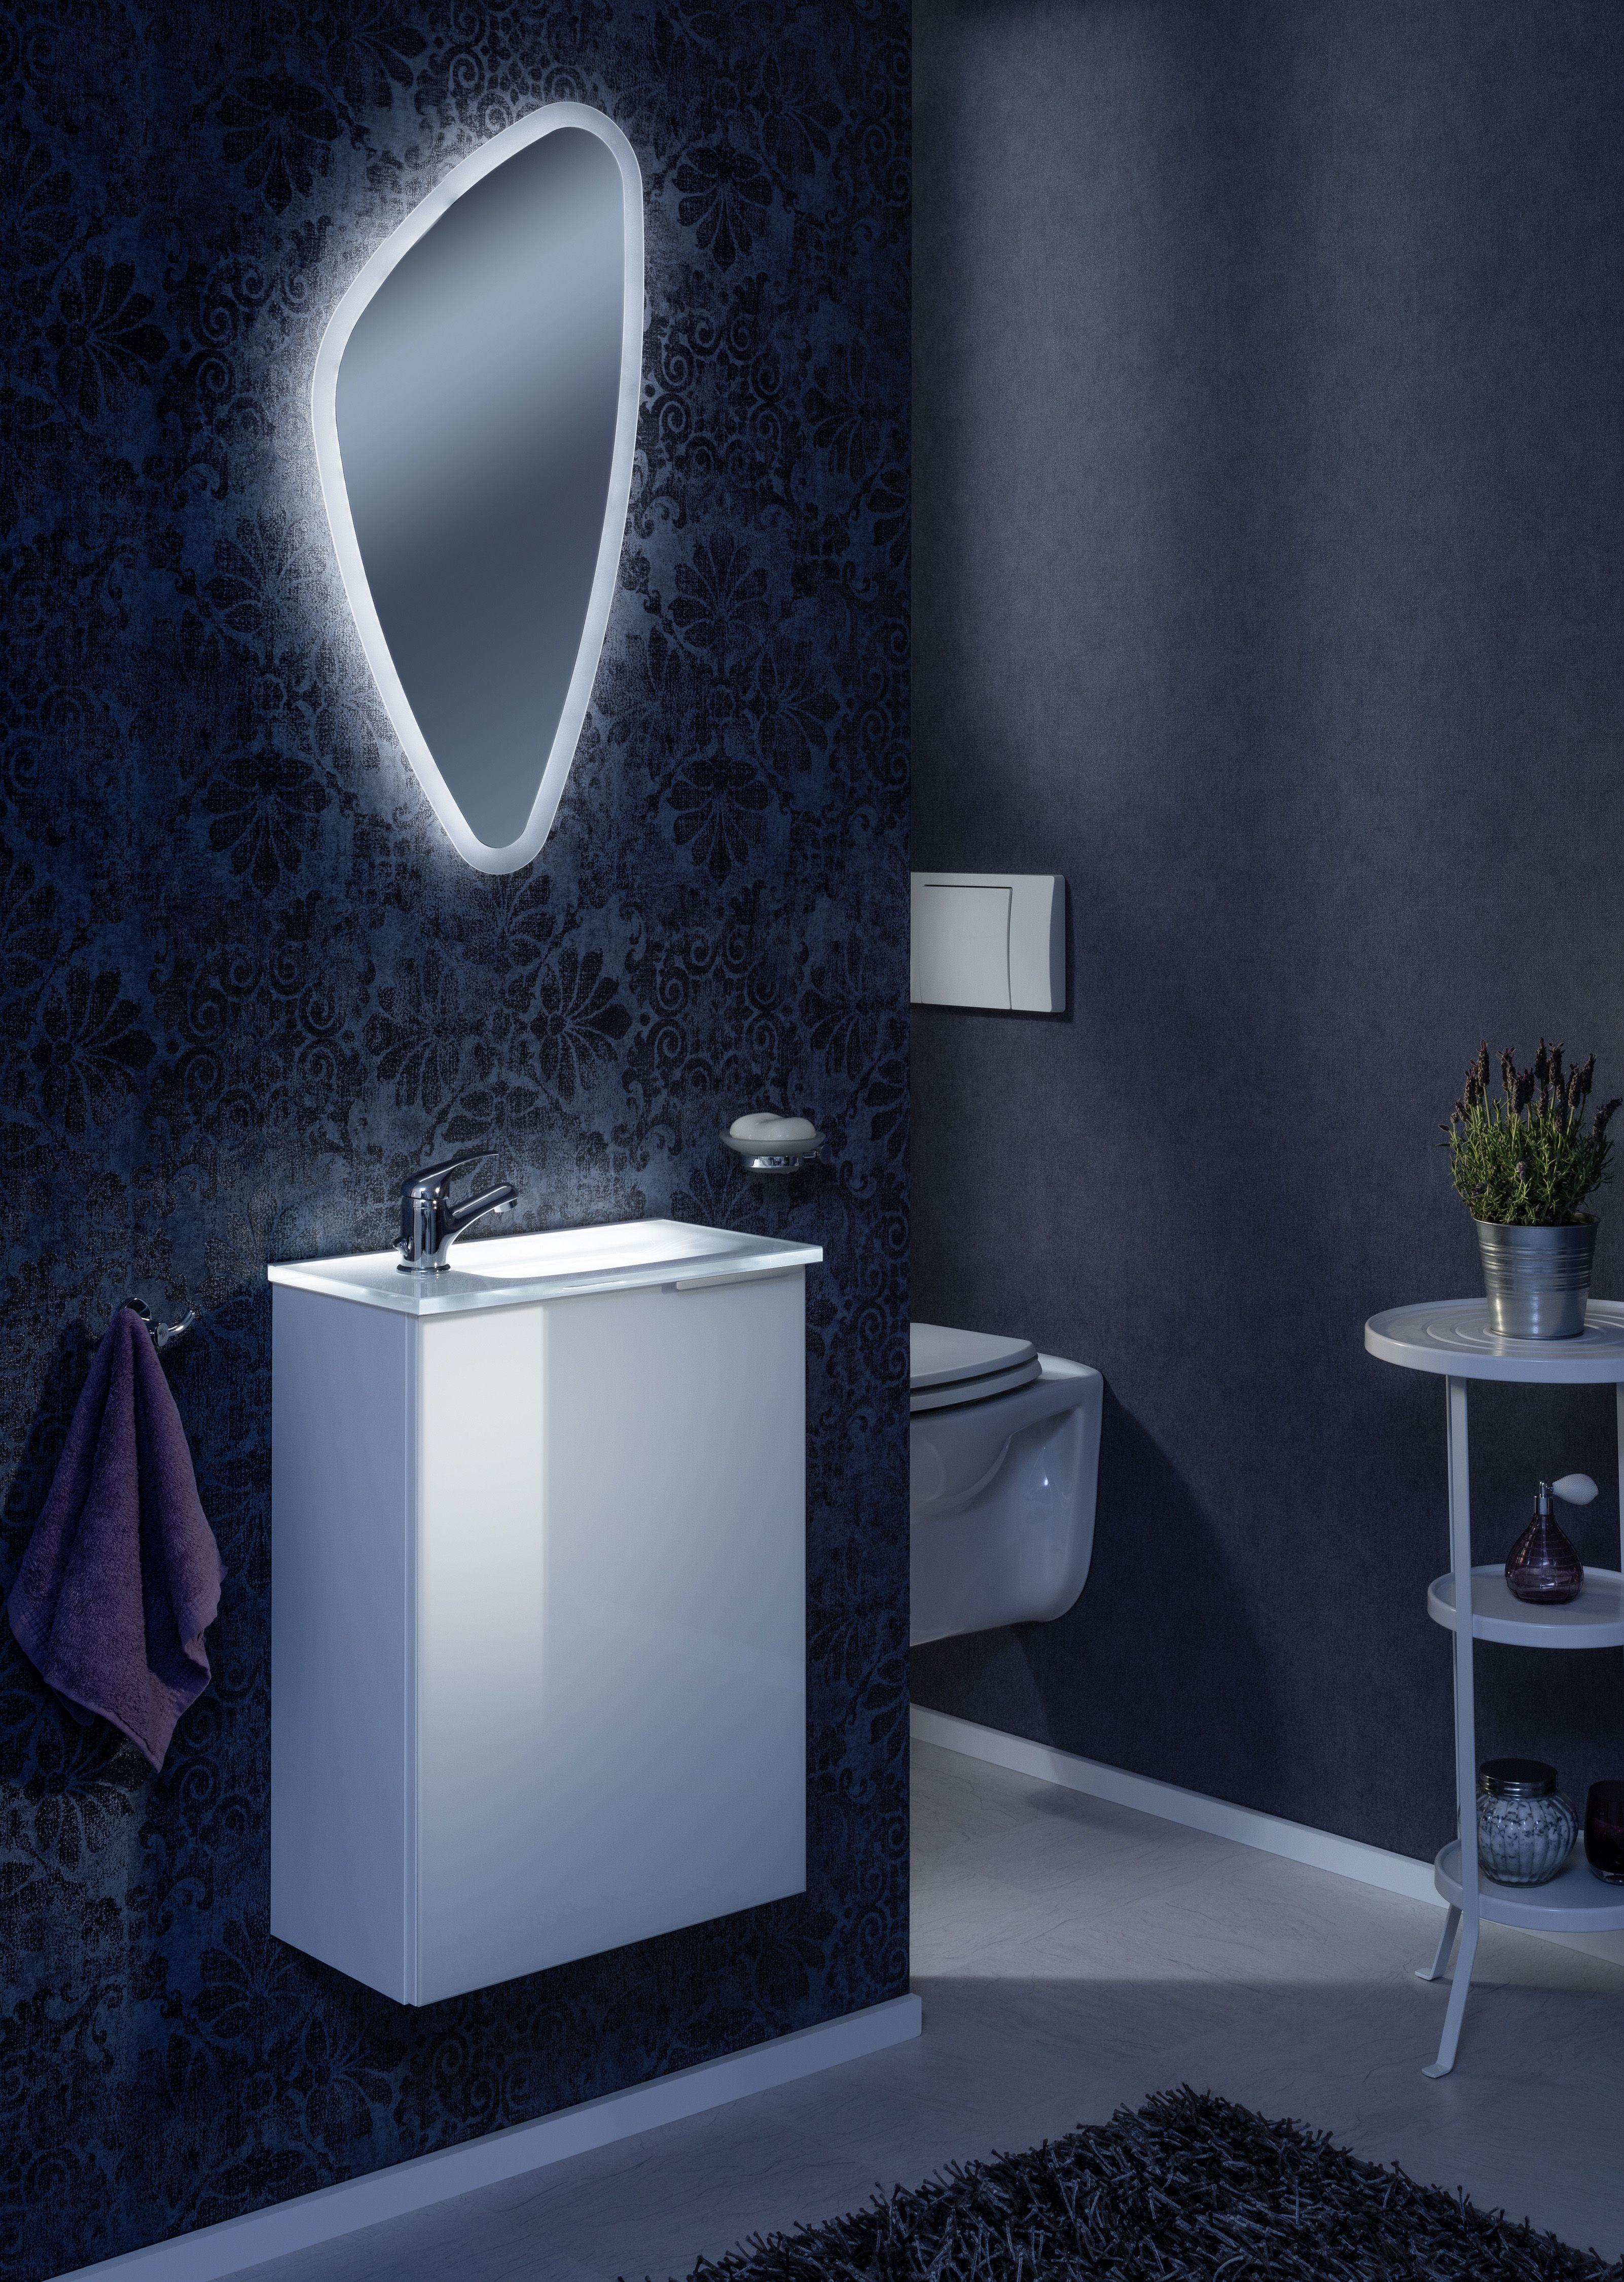 10 Fackelmann Badezimmer Avero Online Kaufen Mobelix Eintagamsee Round Mirror Bathroom Bathroom Mirror Mirror